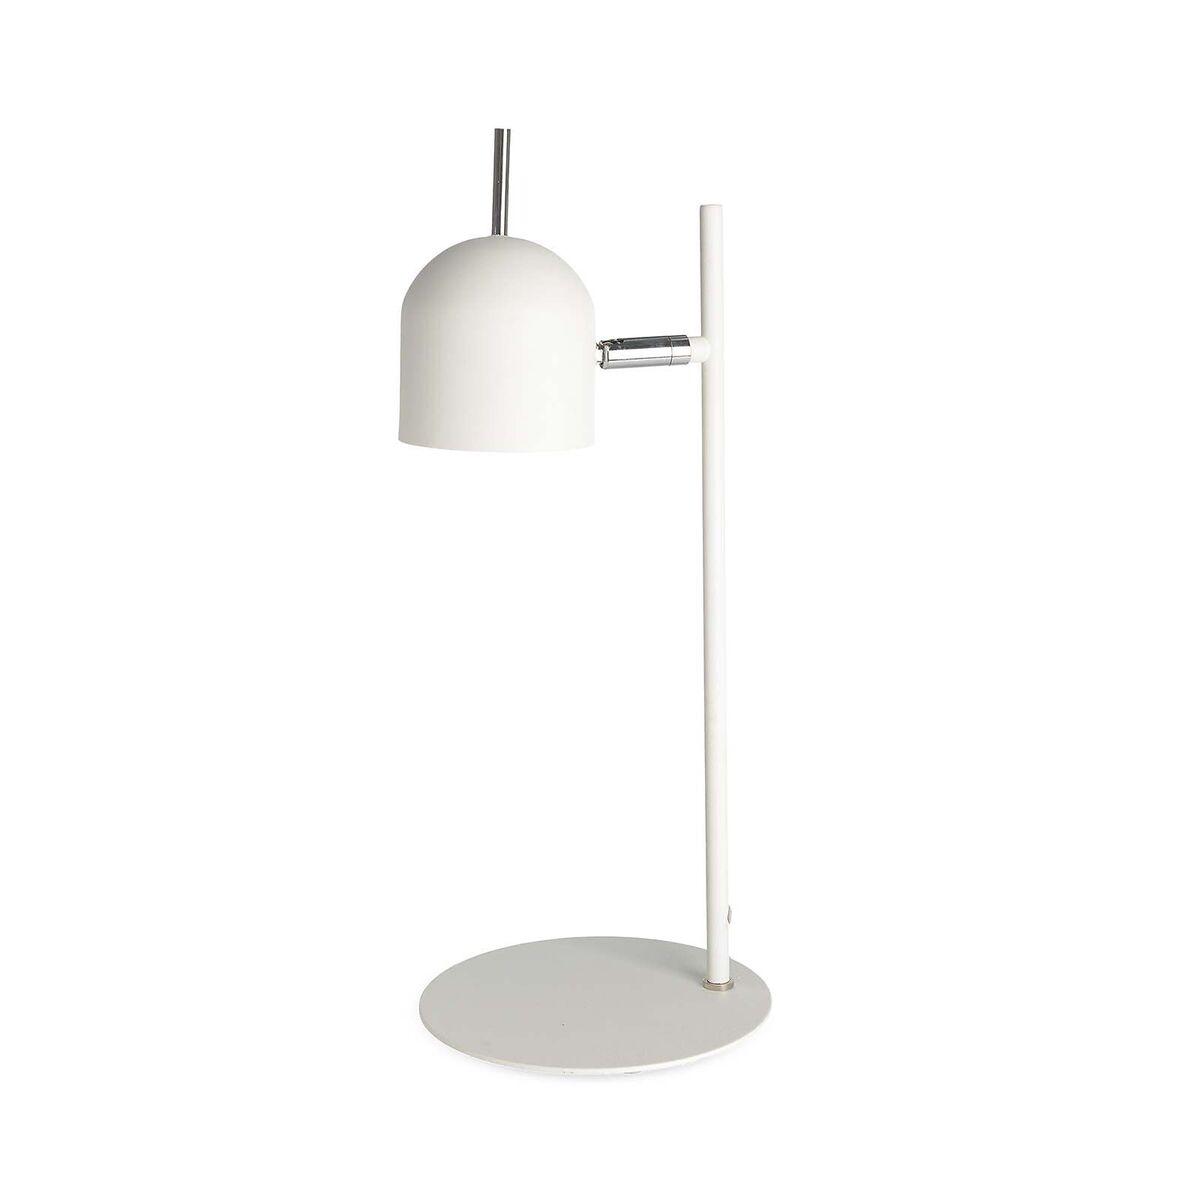 Bild 1 von Tischleuchte LED, D:17cm x H:44cm, weiß